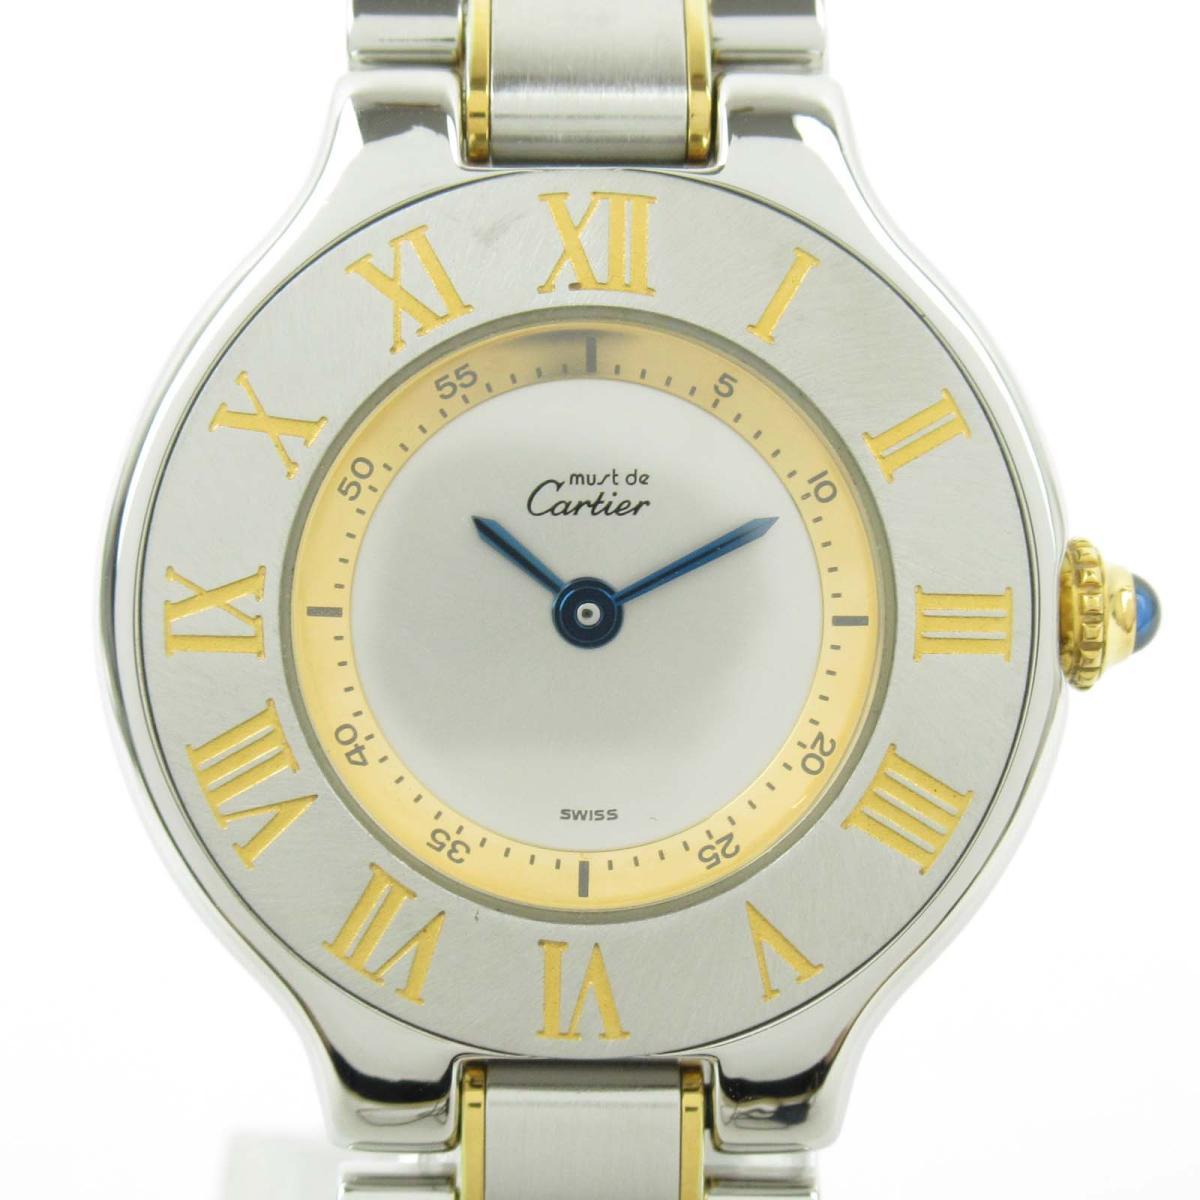 【予約販売品】 【】 カルティエ マスト21 ウォッチ 腕時計 レディース GP ステンレススチール (SS) (1340) | Cartier BRANDOFF ブランドオフ ブランド ブランド時計 ブランド腕時計 時計, 通販パーク 854be471